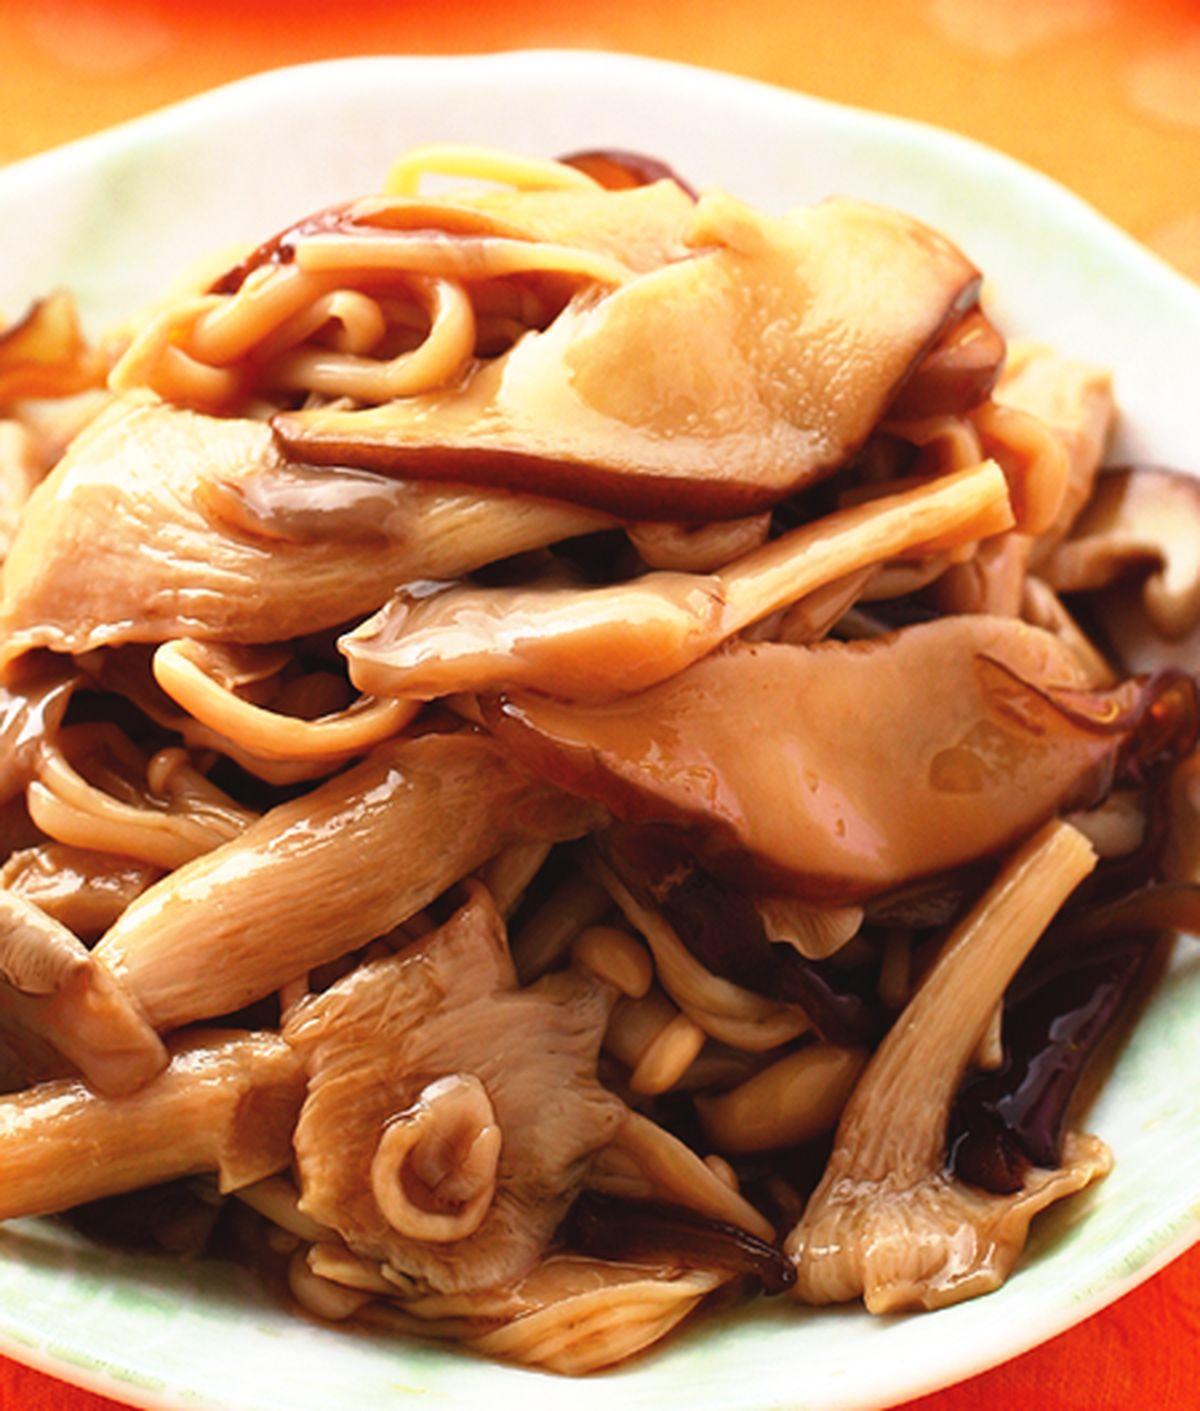 食譜:蠔醬鮮菇